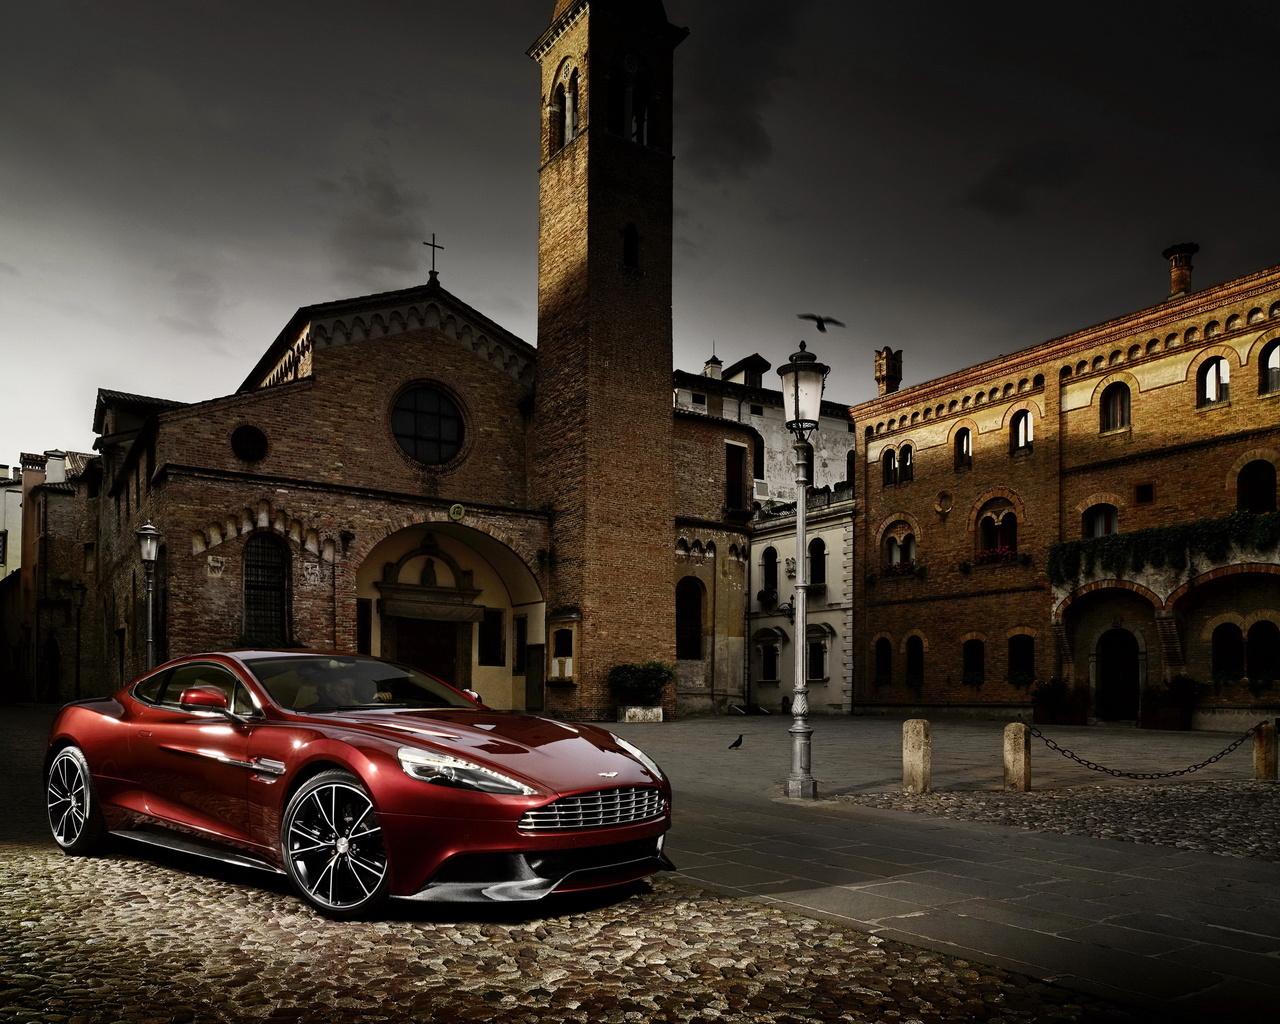 22404 скачать обои Транспорт, Машины, Астон Мартин (Aston Martin) - заставки и картинки бесплатно